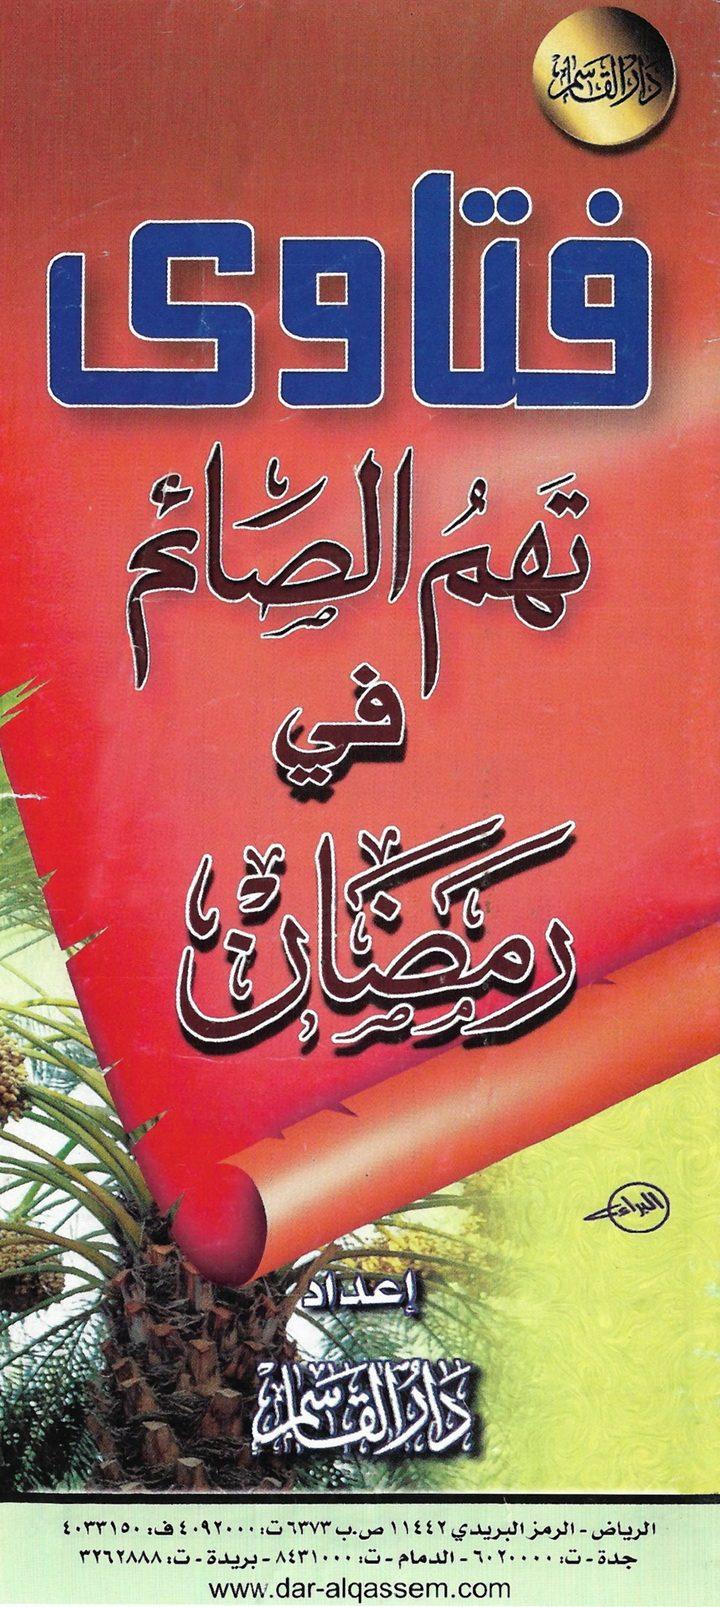 فتاوى تهمّ الصائم في رمضان (دار القاسم)